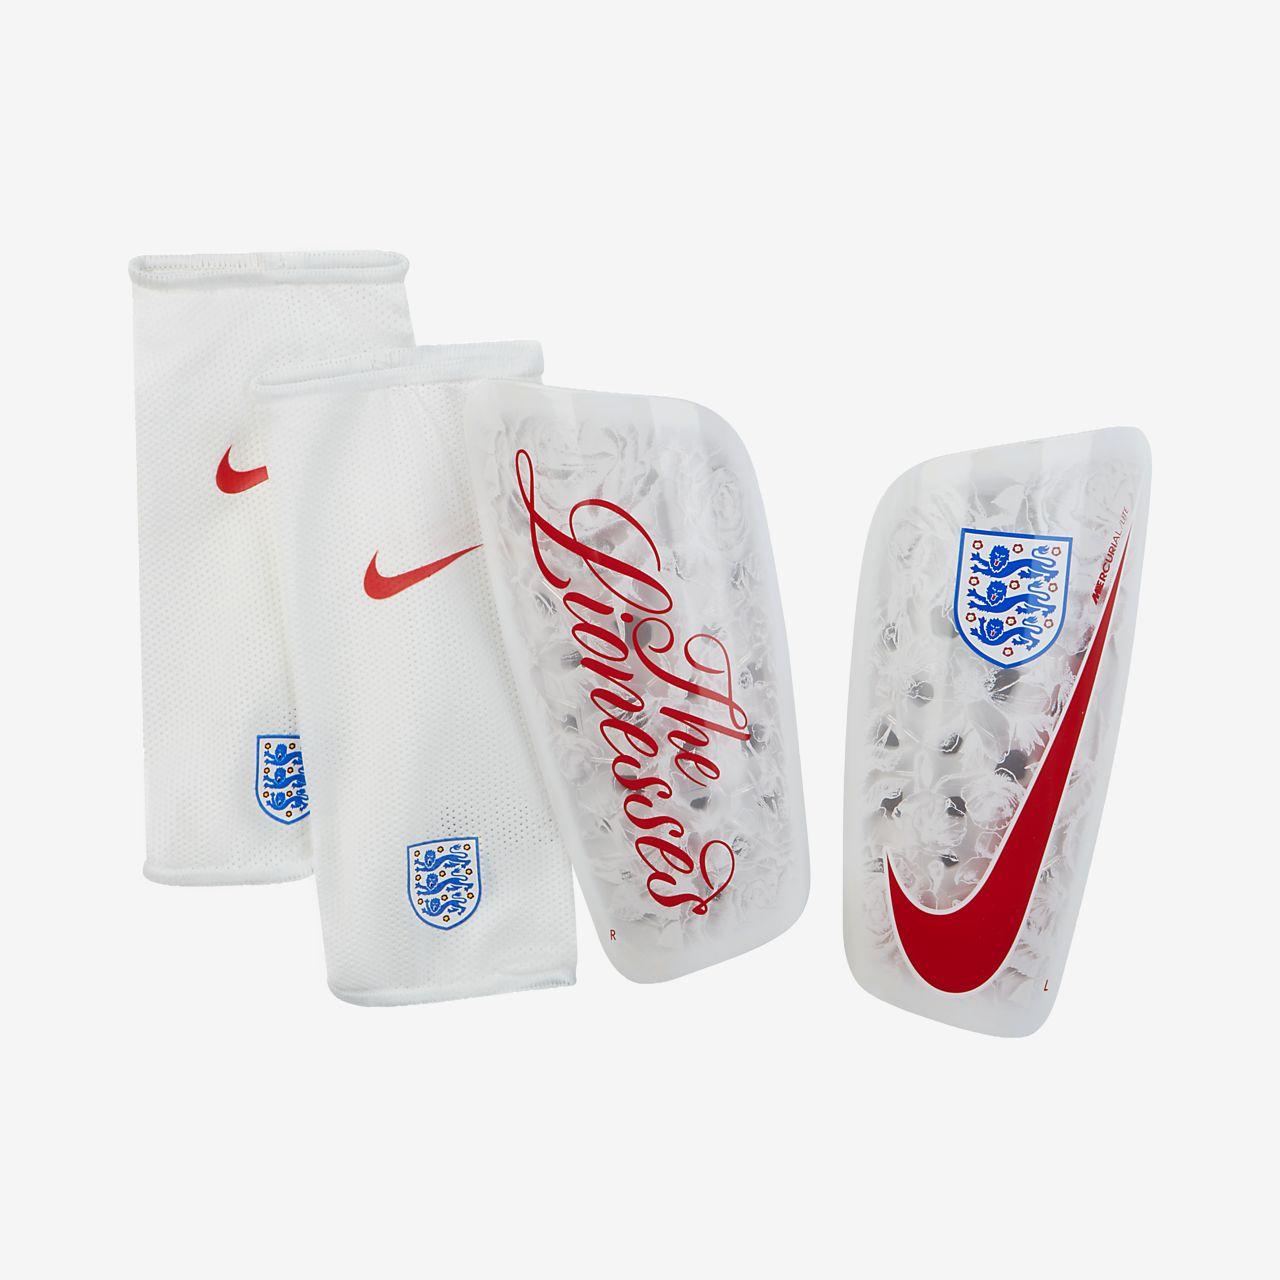 Caneleiras de futebol England Mercurial Lite